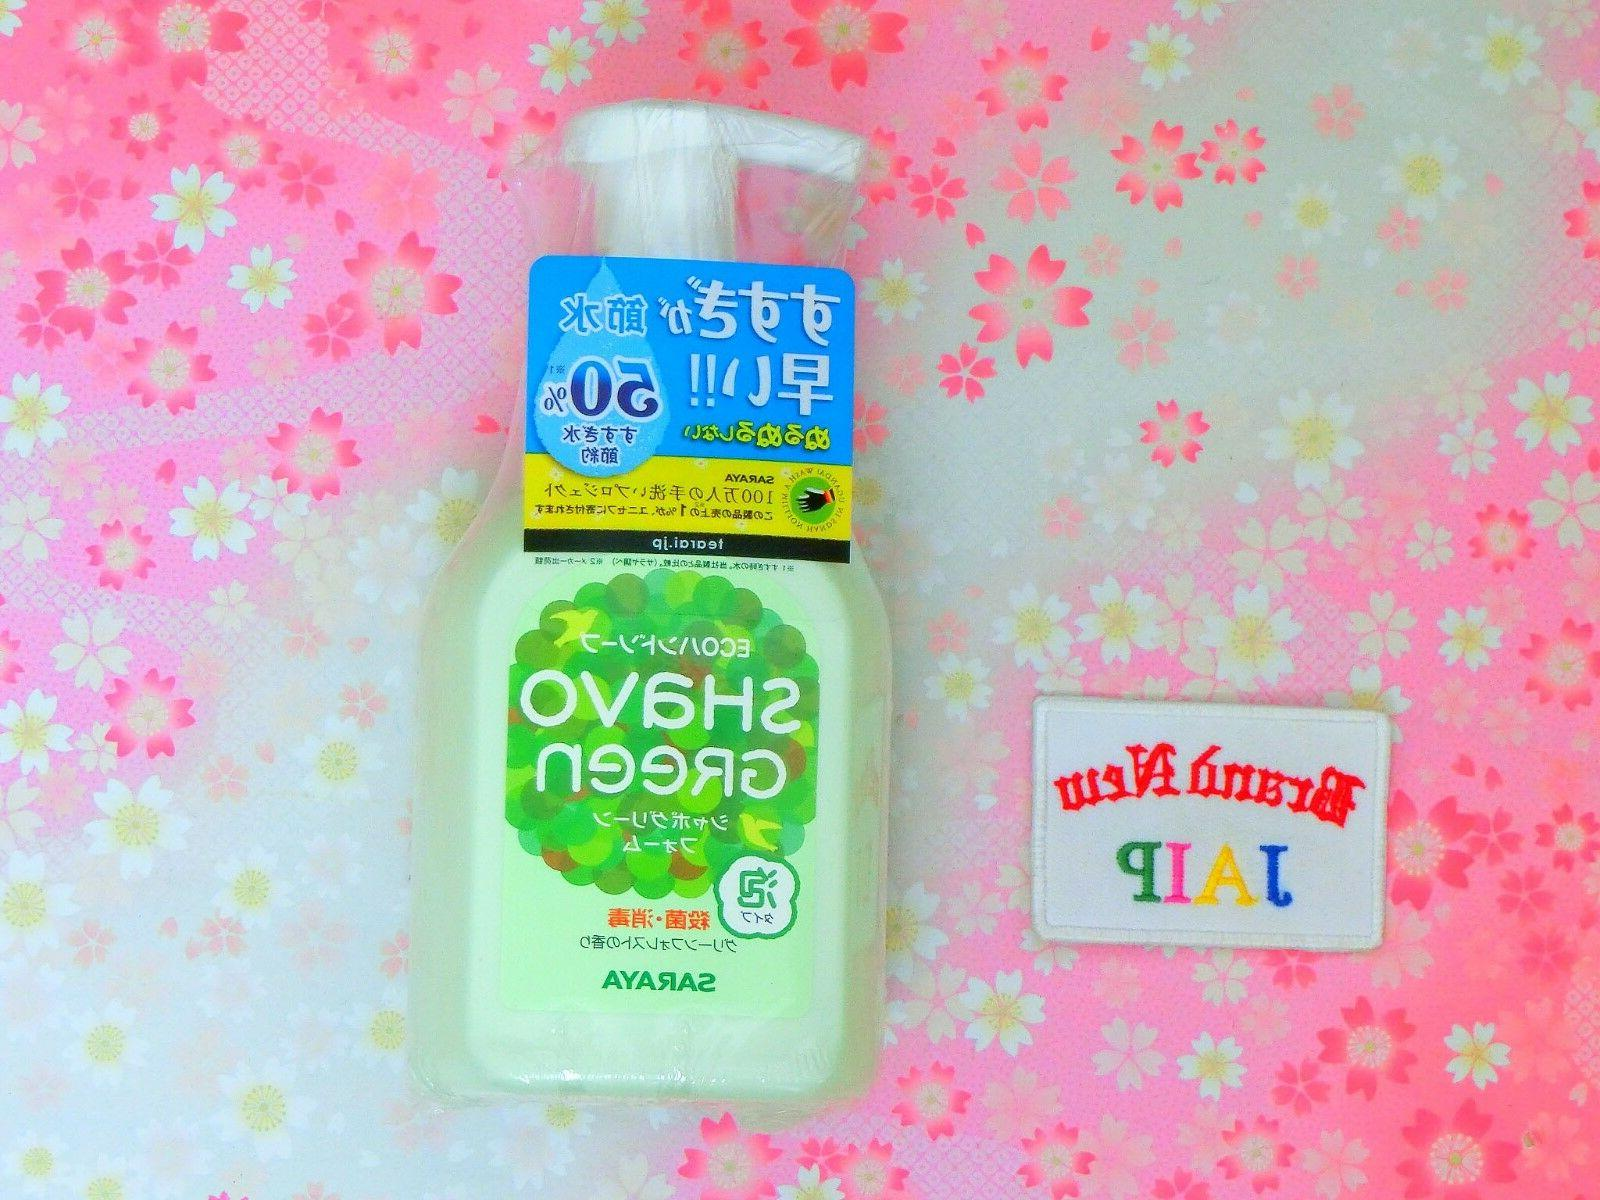 saraya☆Japan-Foaming hand soap SHAVO Green Sterilization 2